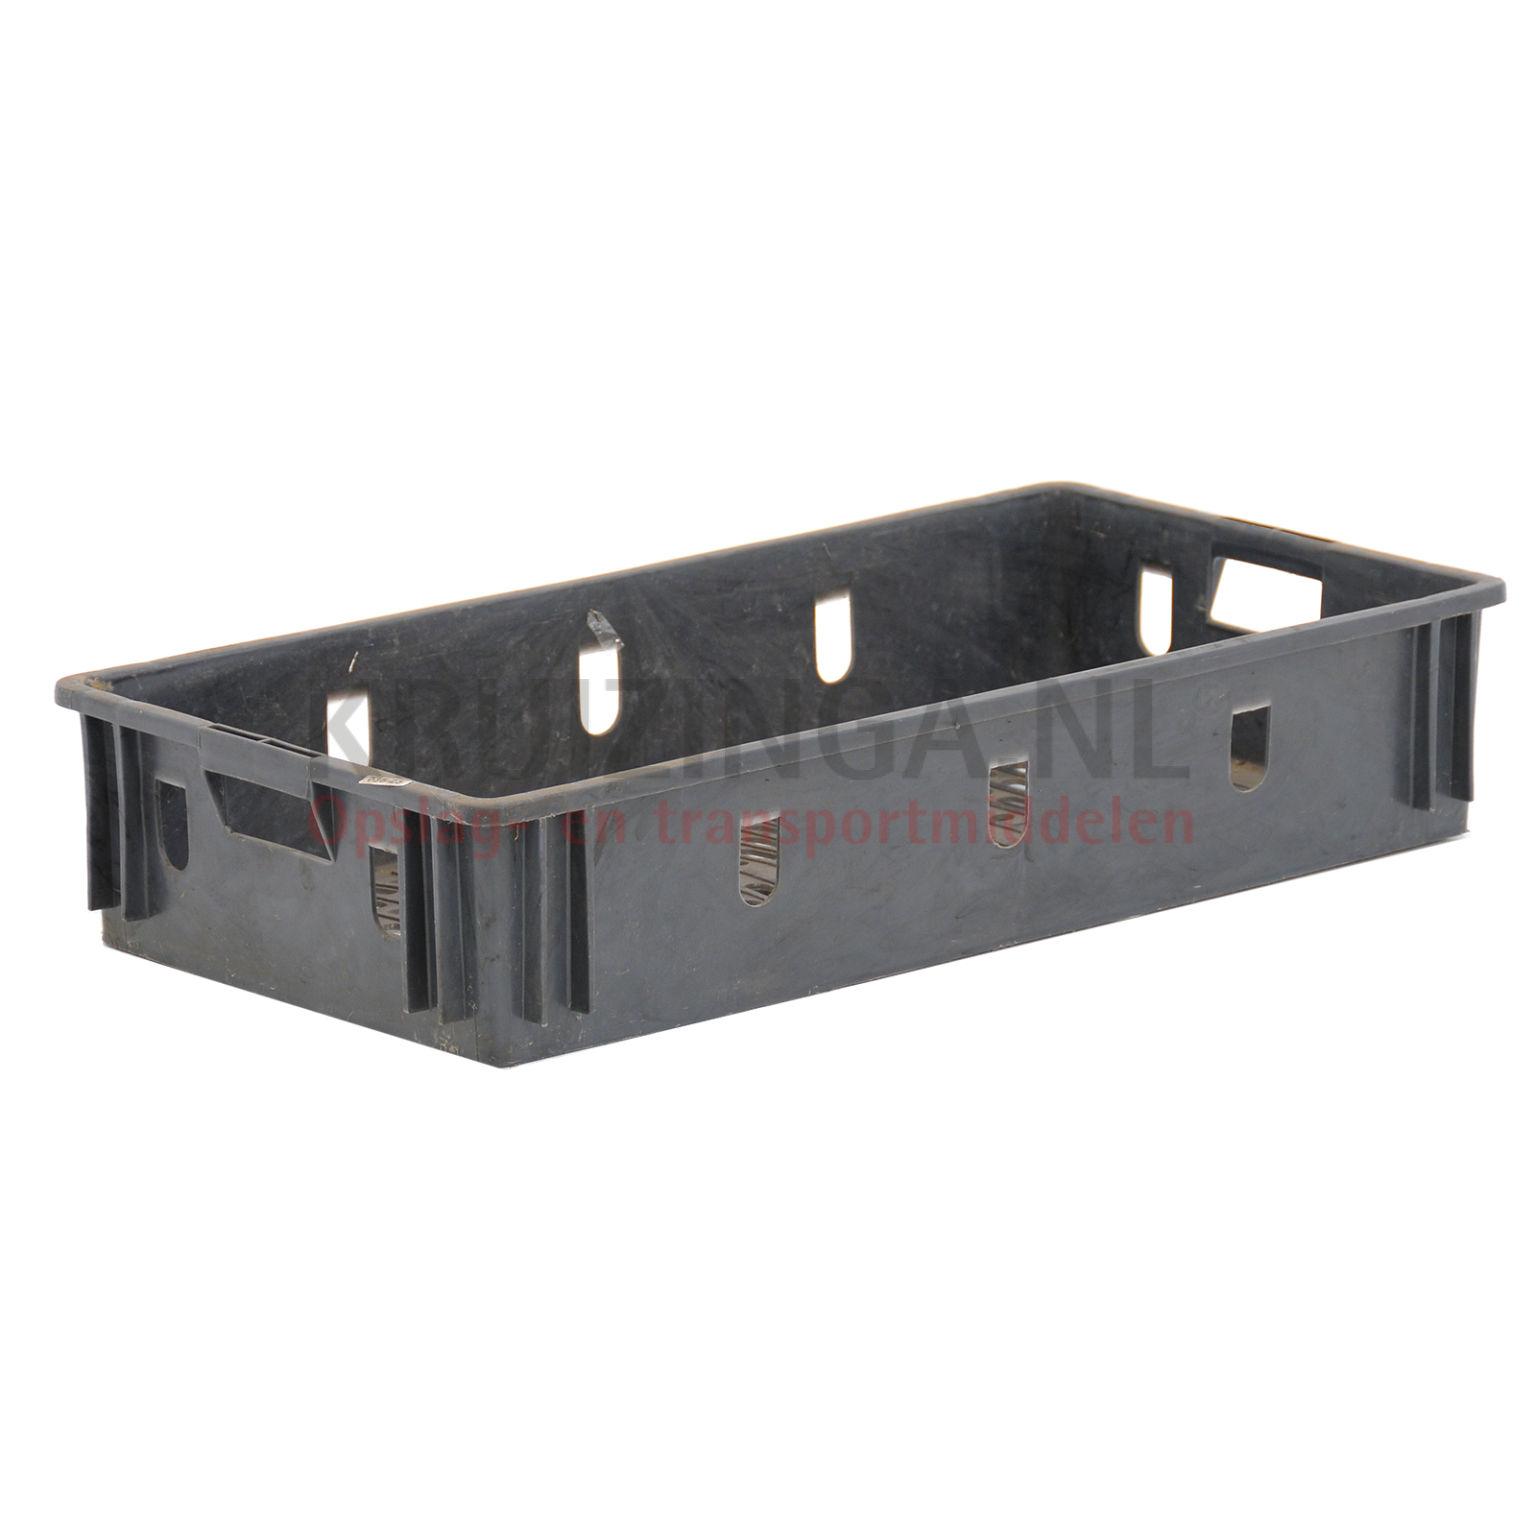 stapelboxen kunststoff stapelbar perforierte w nde und boden gebraucht ab 4 86 frei haus. Black Bedroom Furniture Sets. Home Design Ideas